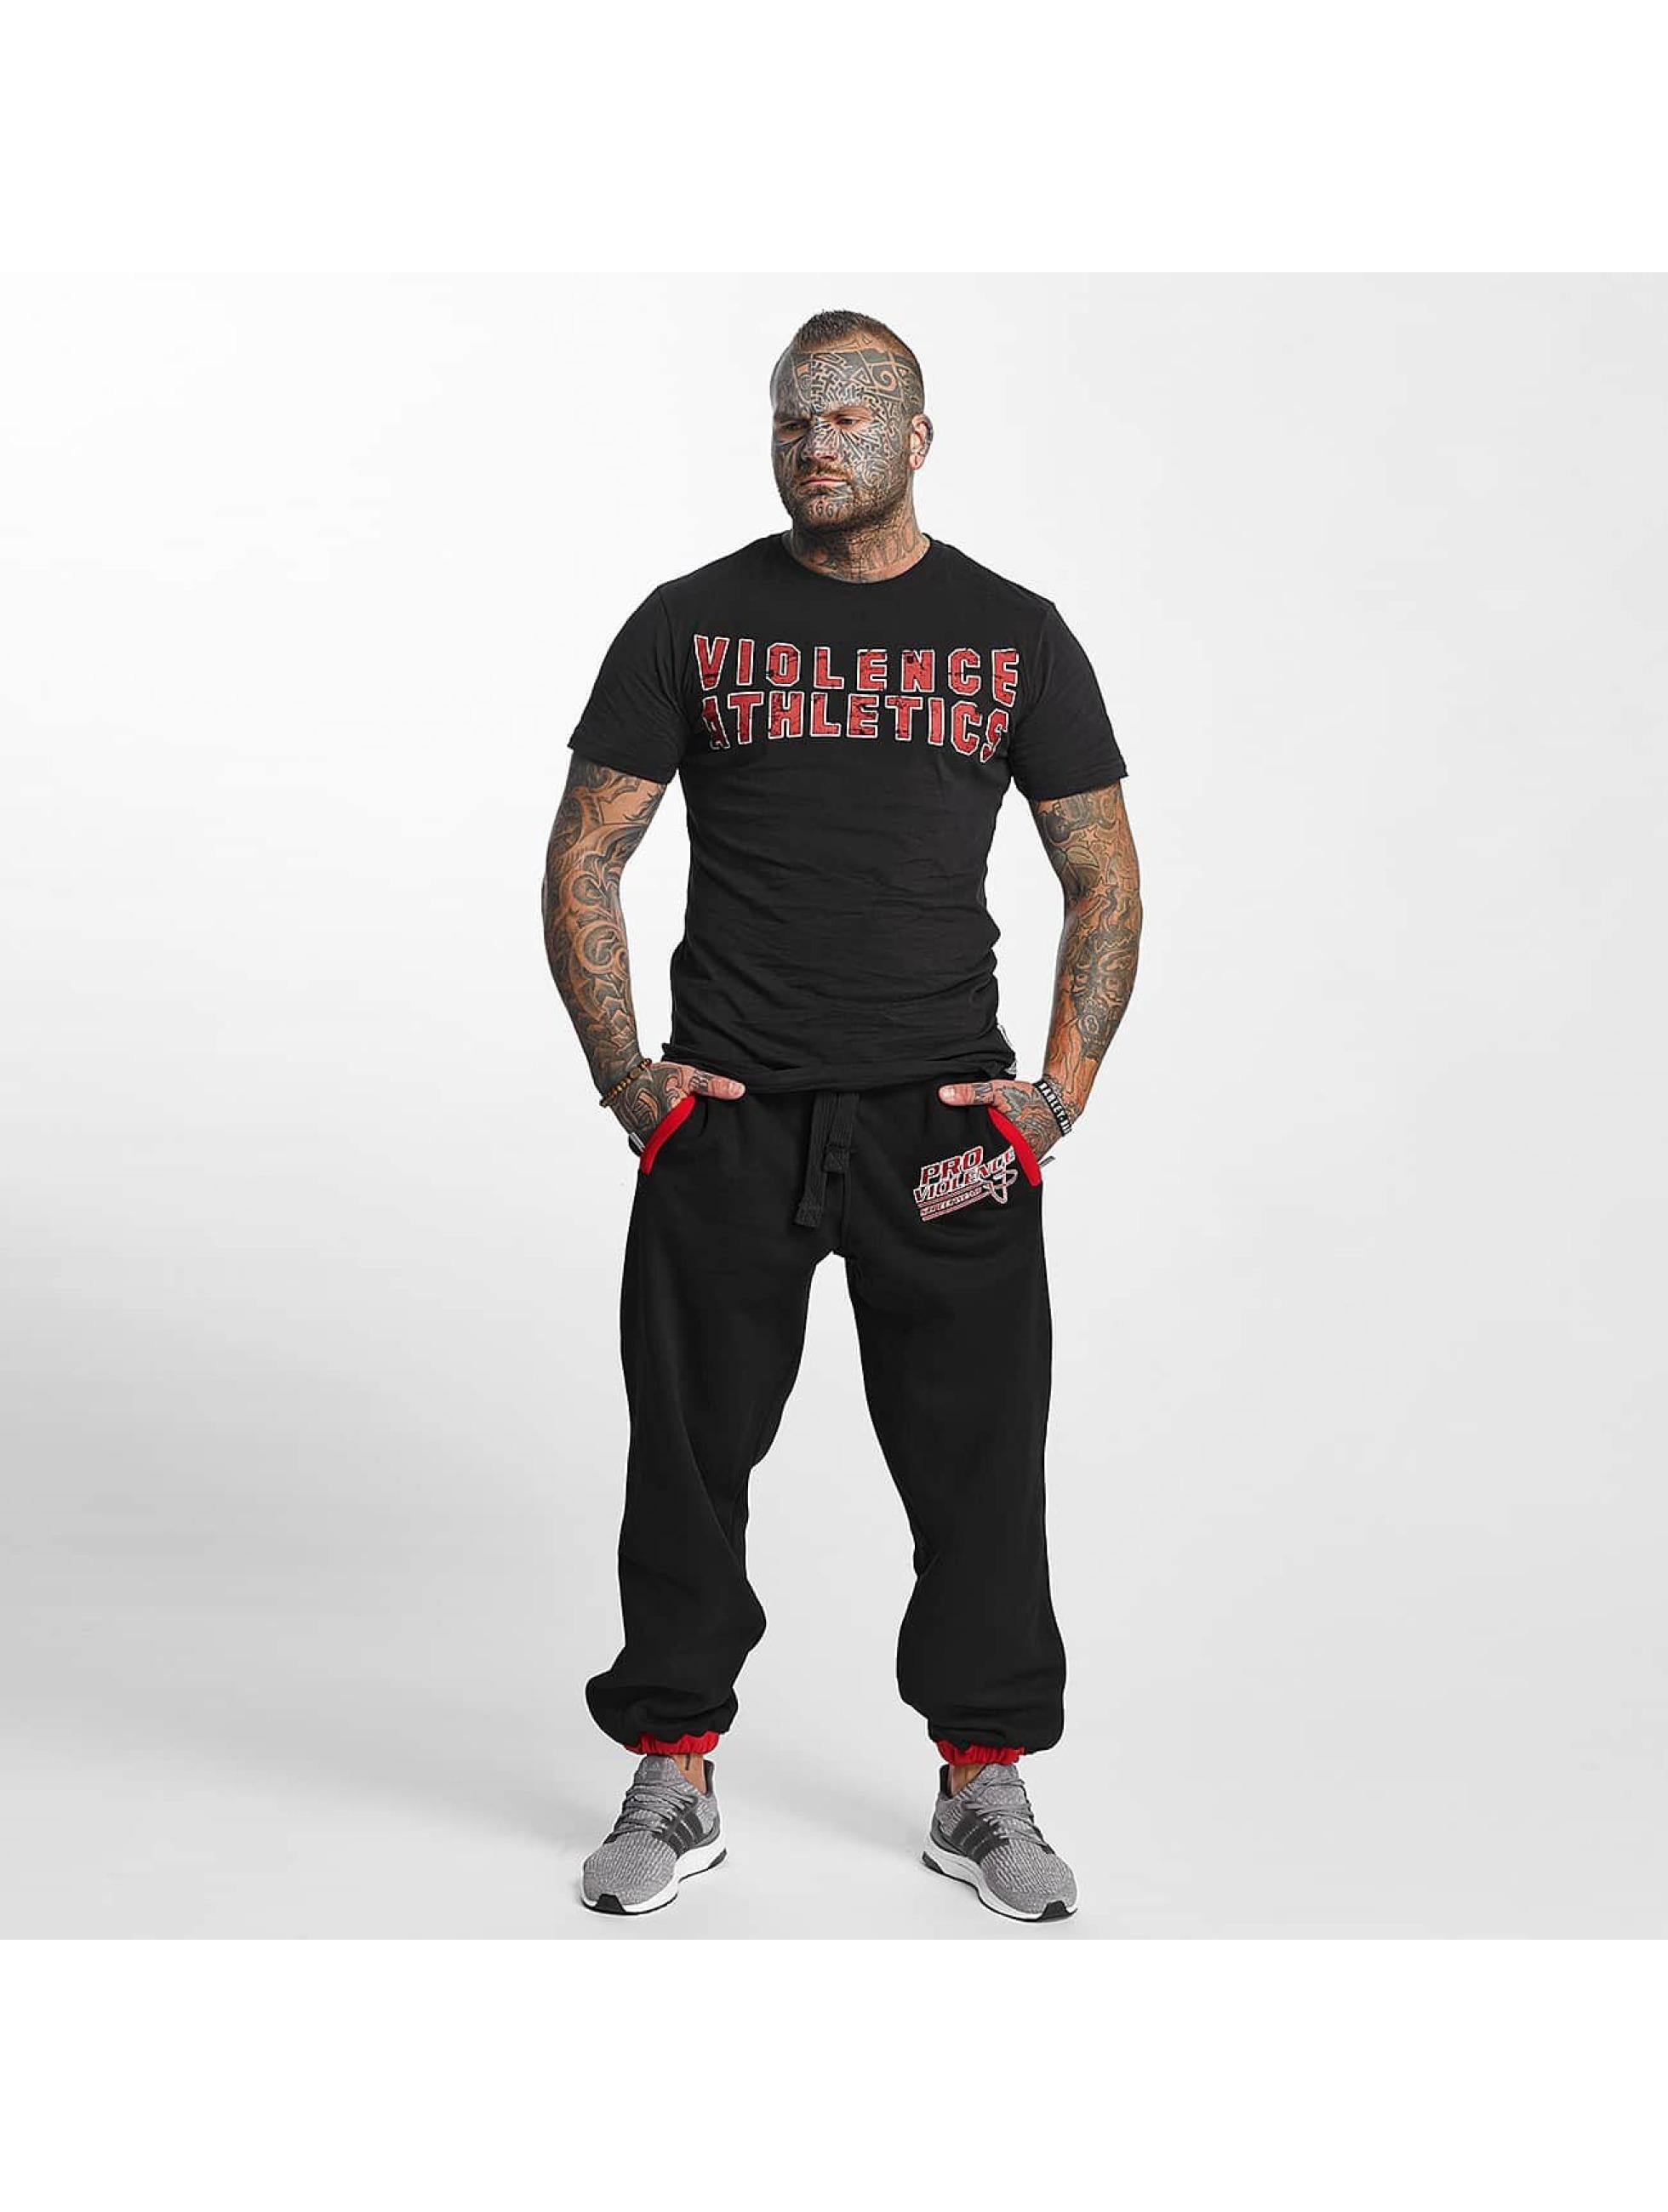 Pro Violence Streetwear Sweat Pant Streetwear Sport black